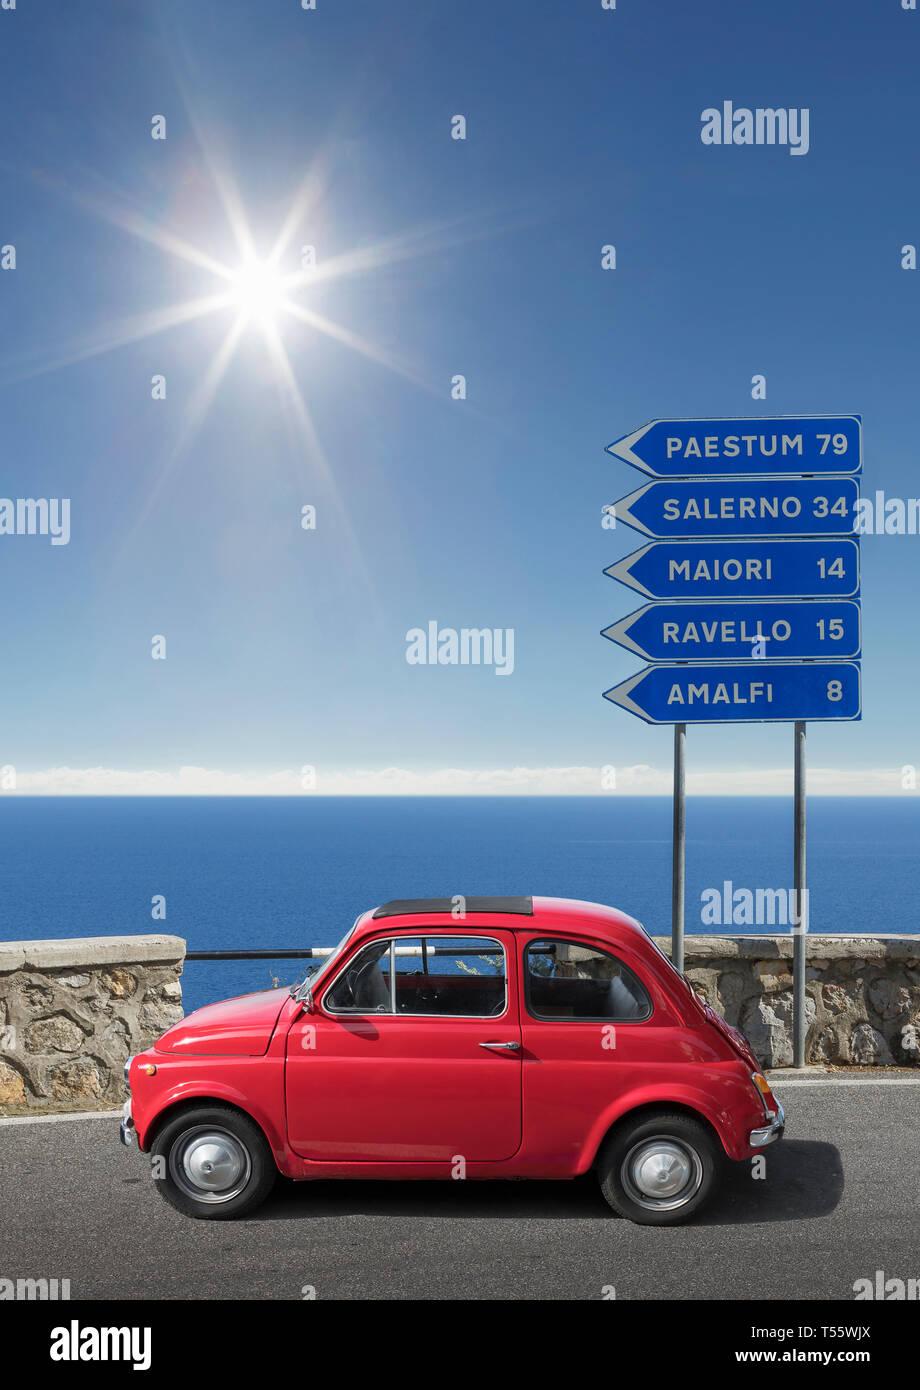 Coche rojo por señales de carretera en Costa de Amalfi, Italia Foto de stock